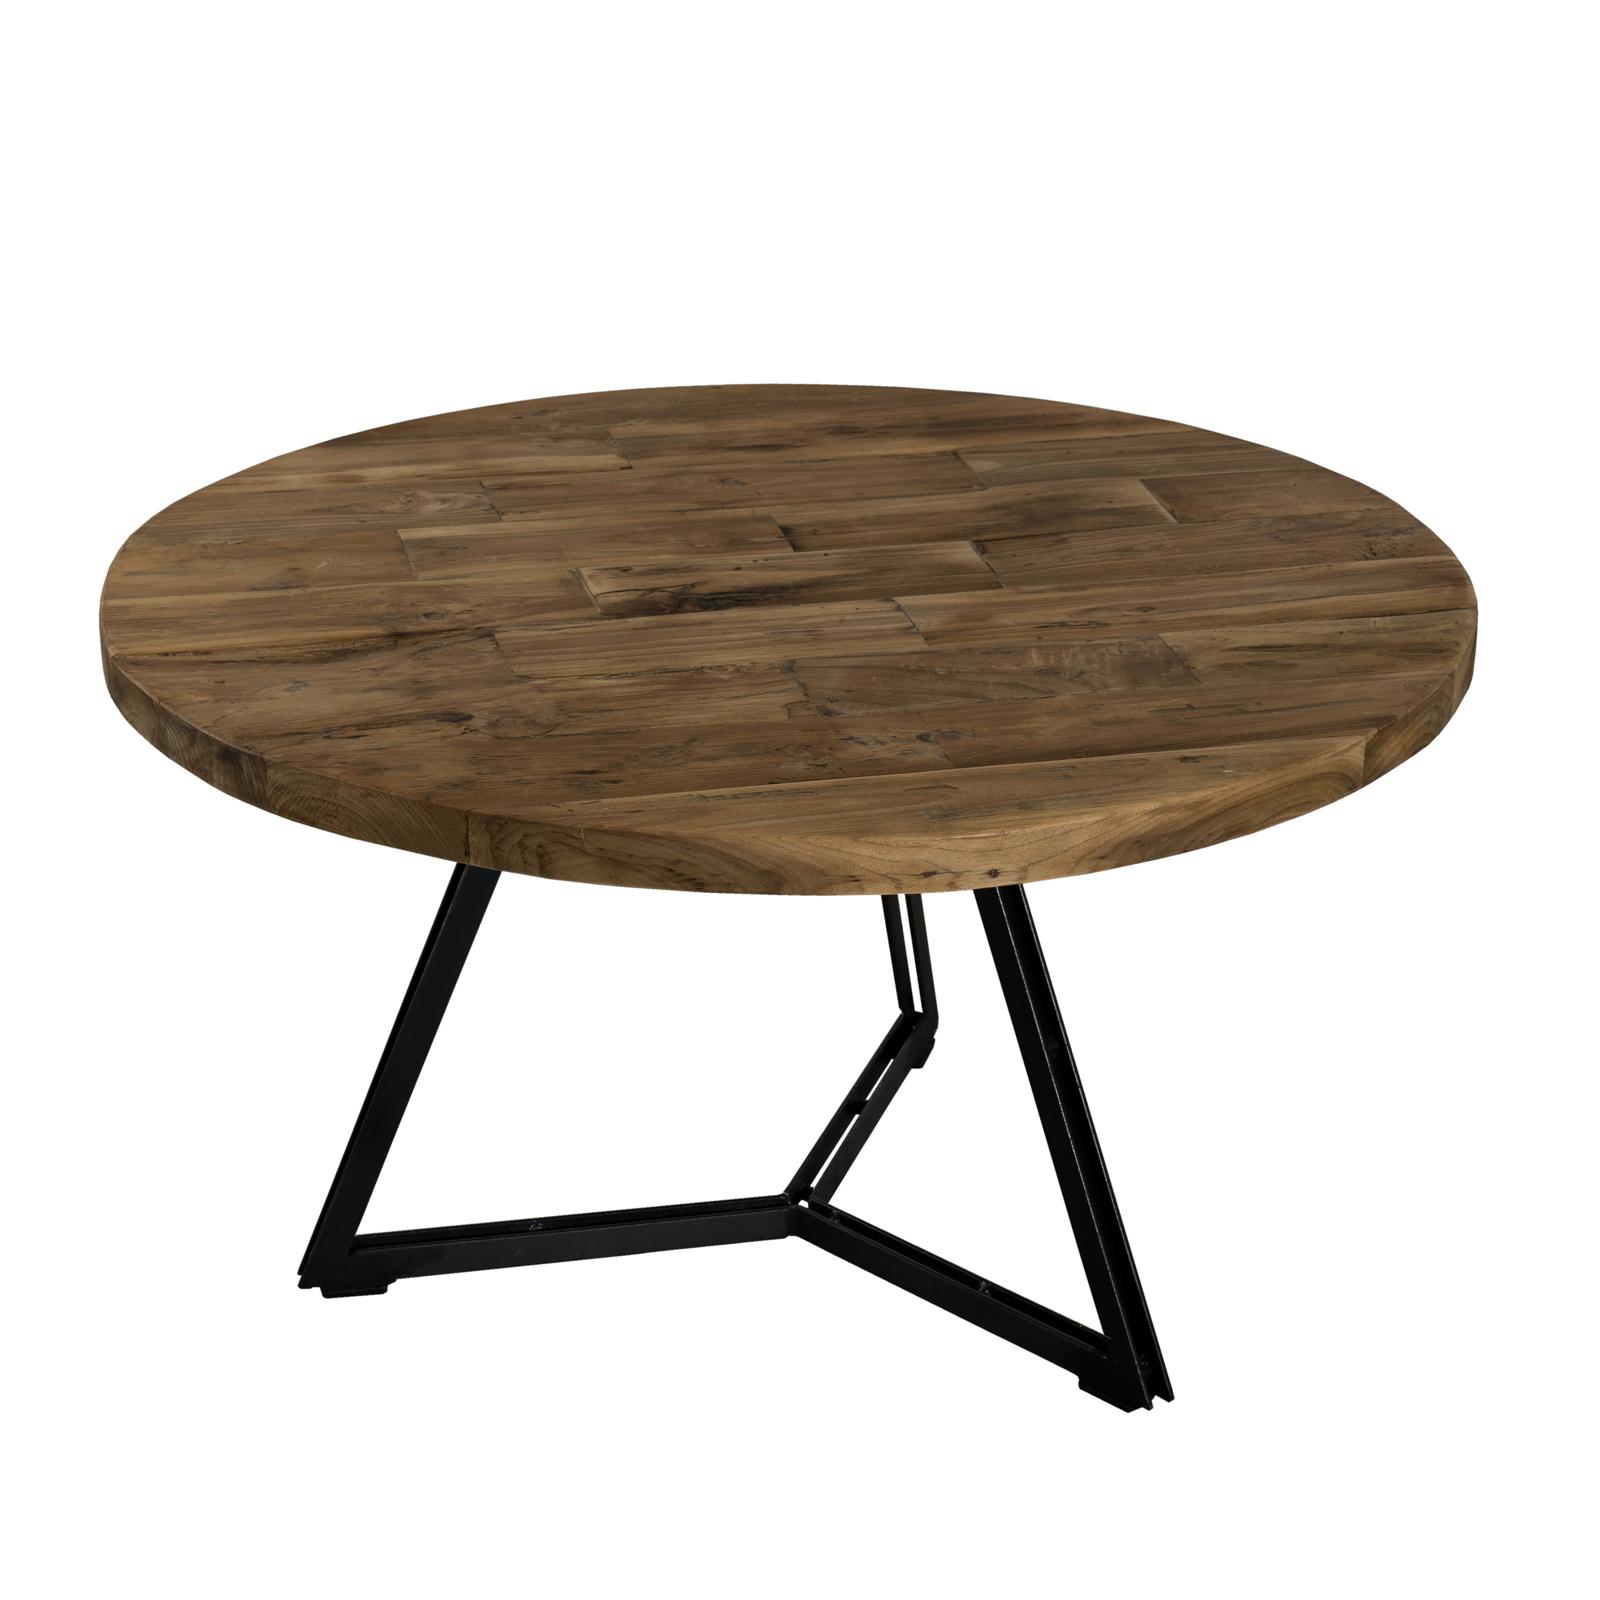 Table Basse Ronde En Teck Recycle Et Pieds Metal Noir Et Bois D75xh41cm Swing Tables Basses Pier Import